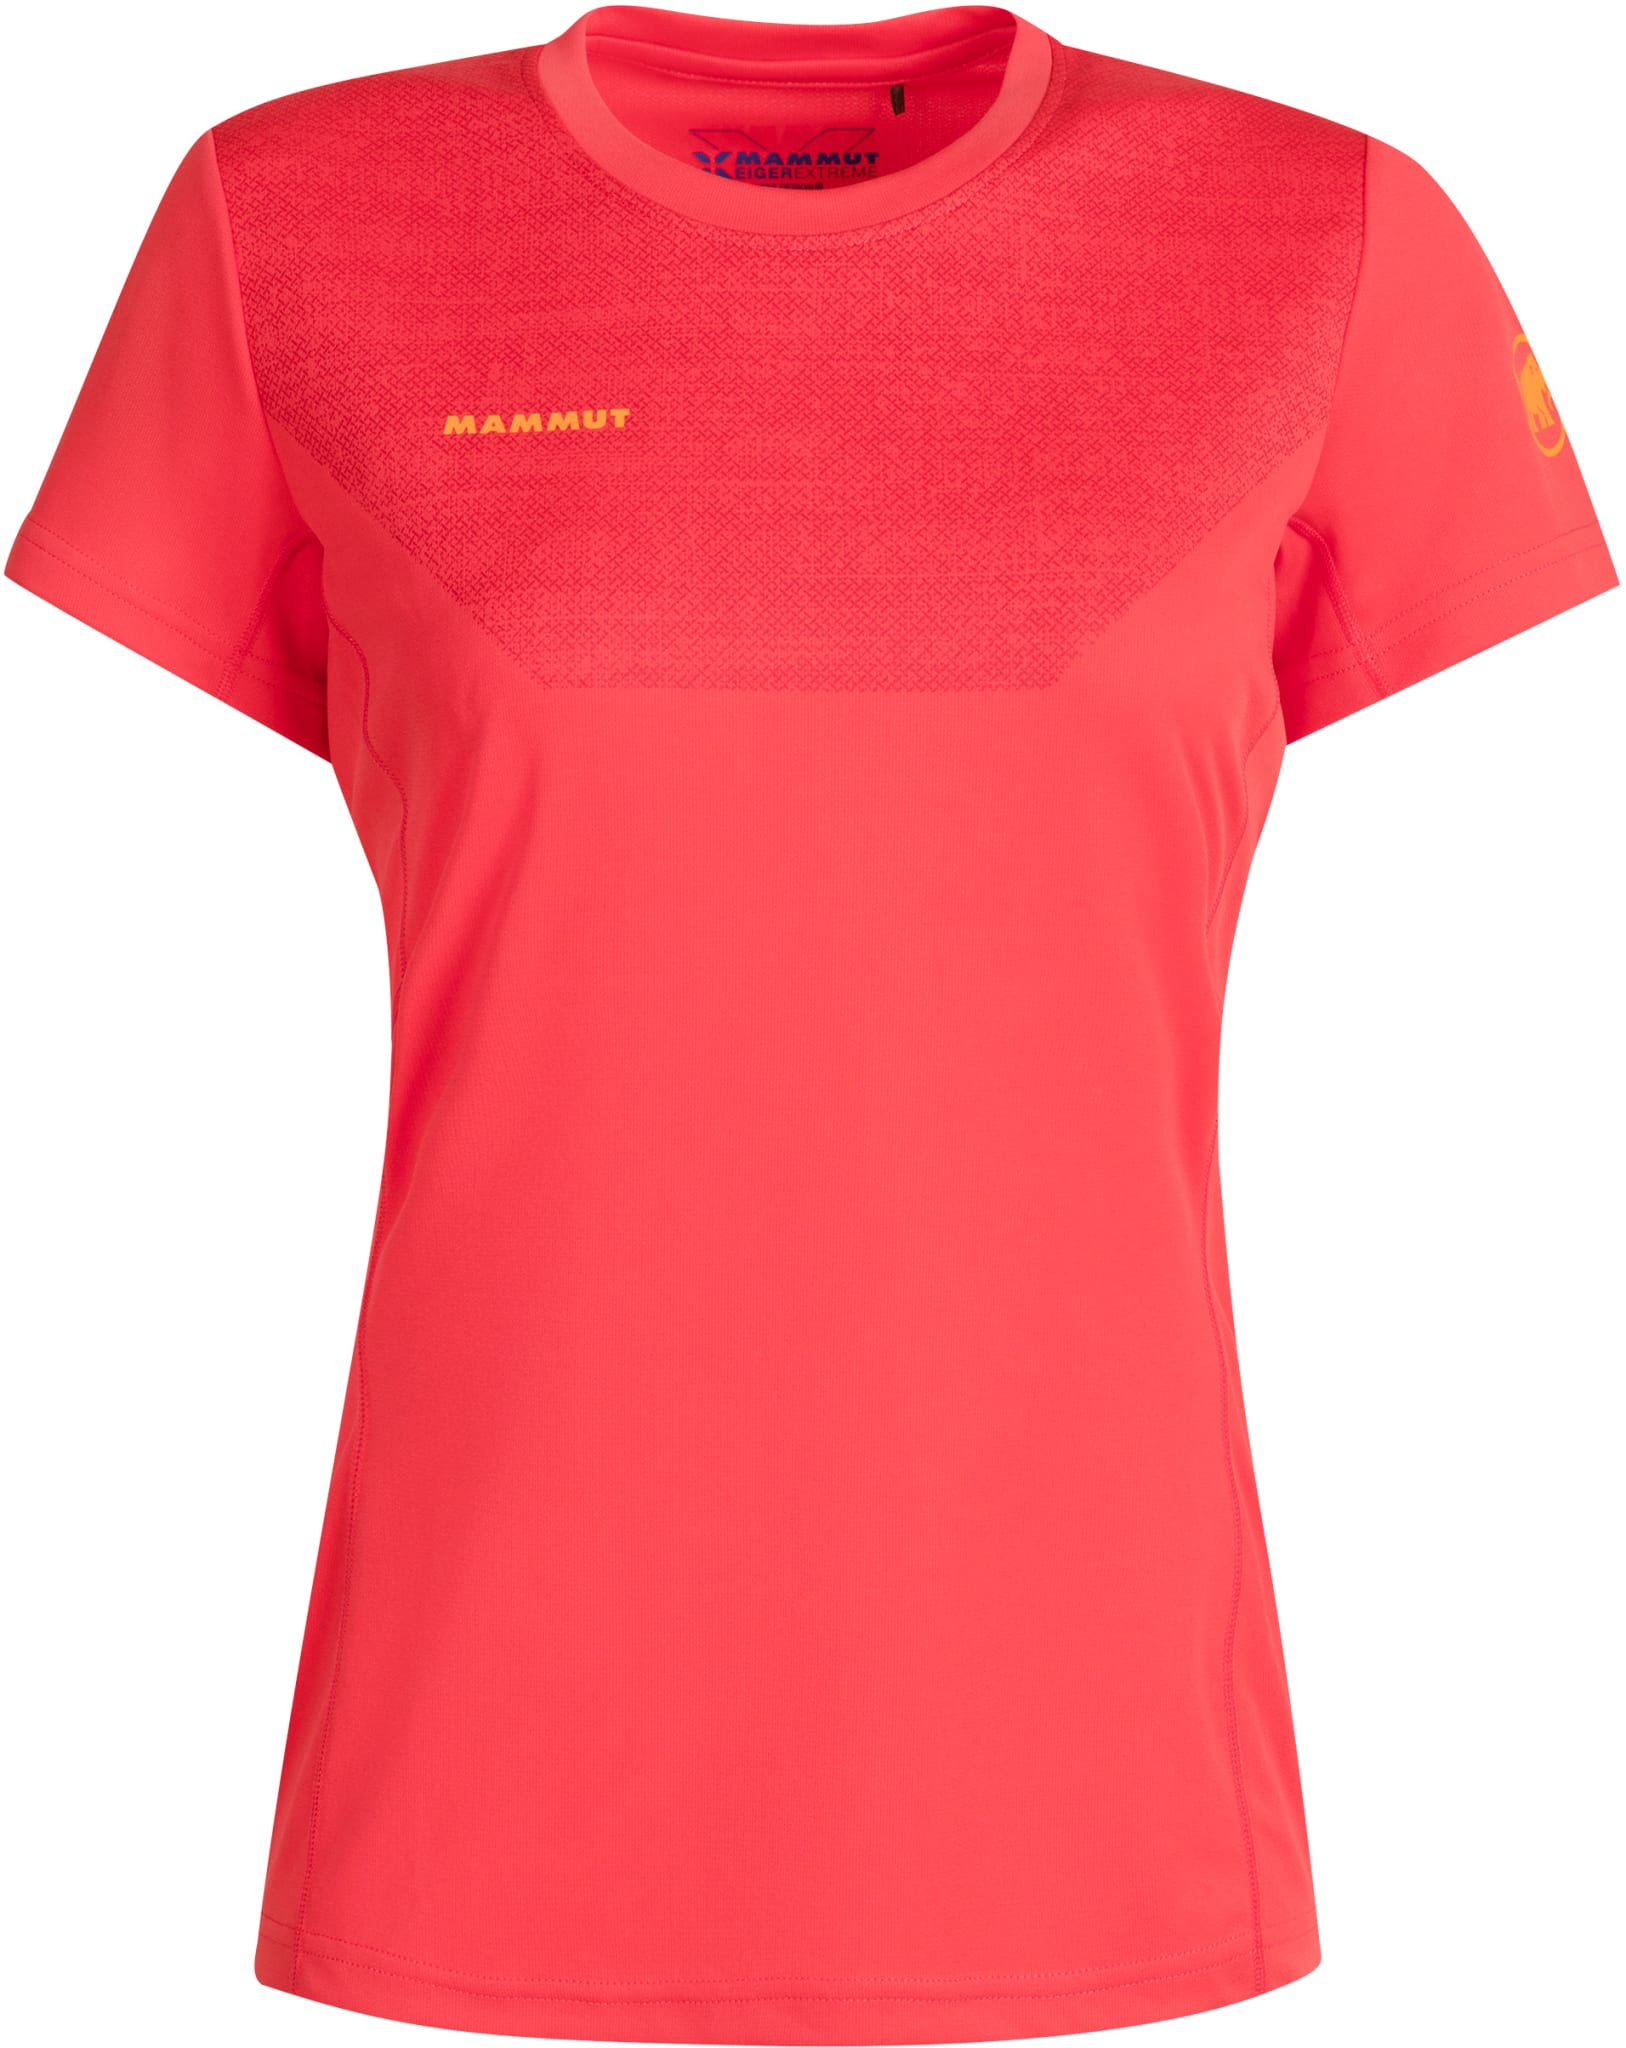 Lett t-skjorte i ventilerende og hurtigtørkendePolartec Power Dry